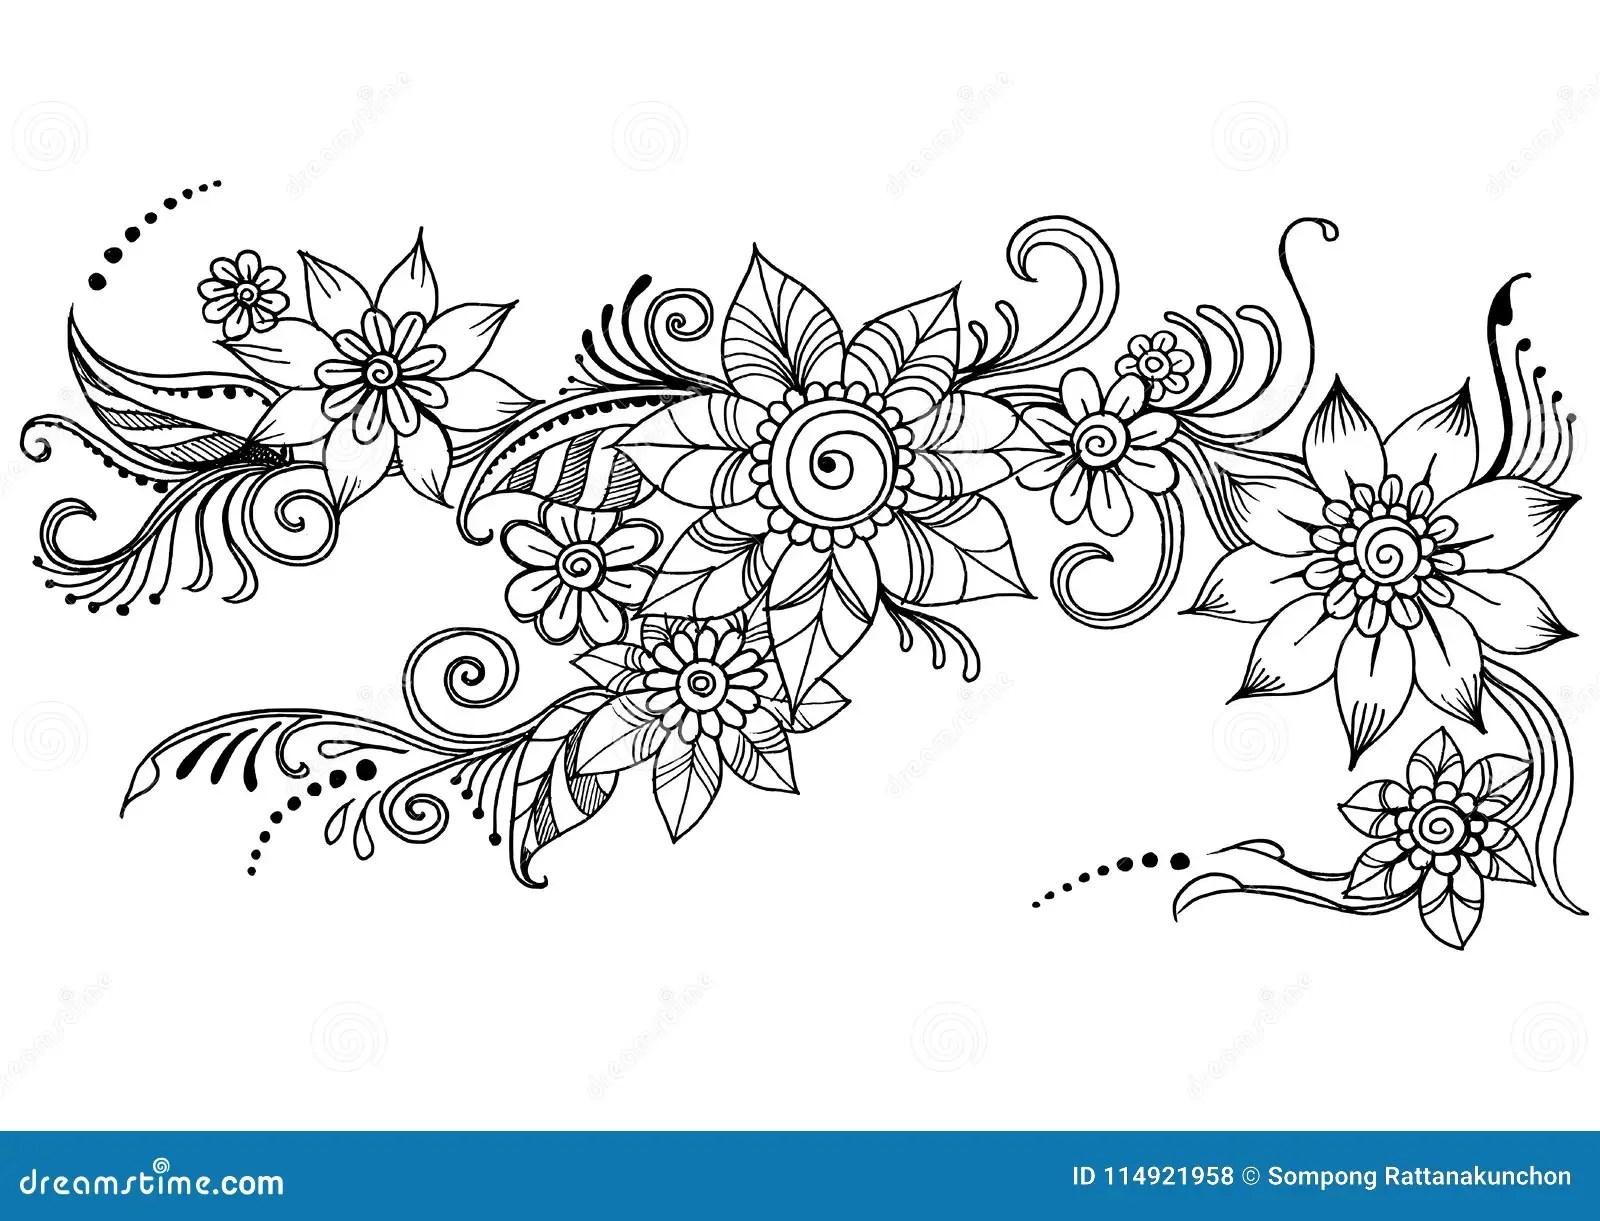 Doodle Art Flowers Zentangle Abstract Flower Vector